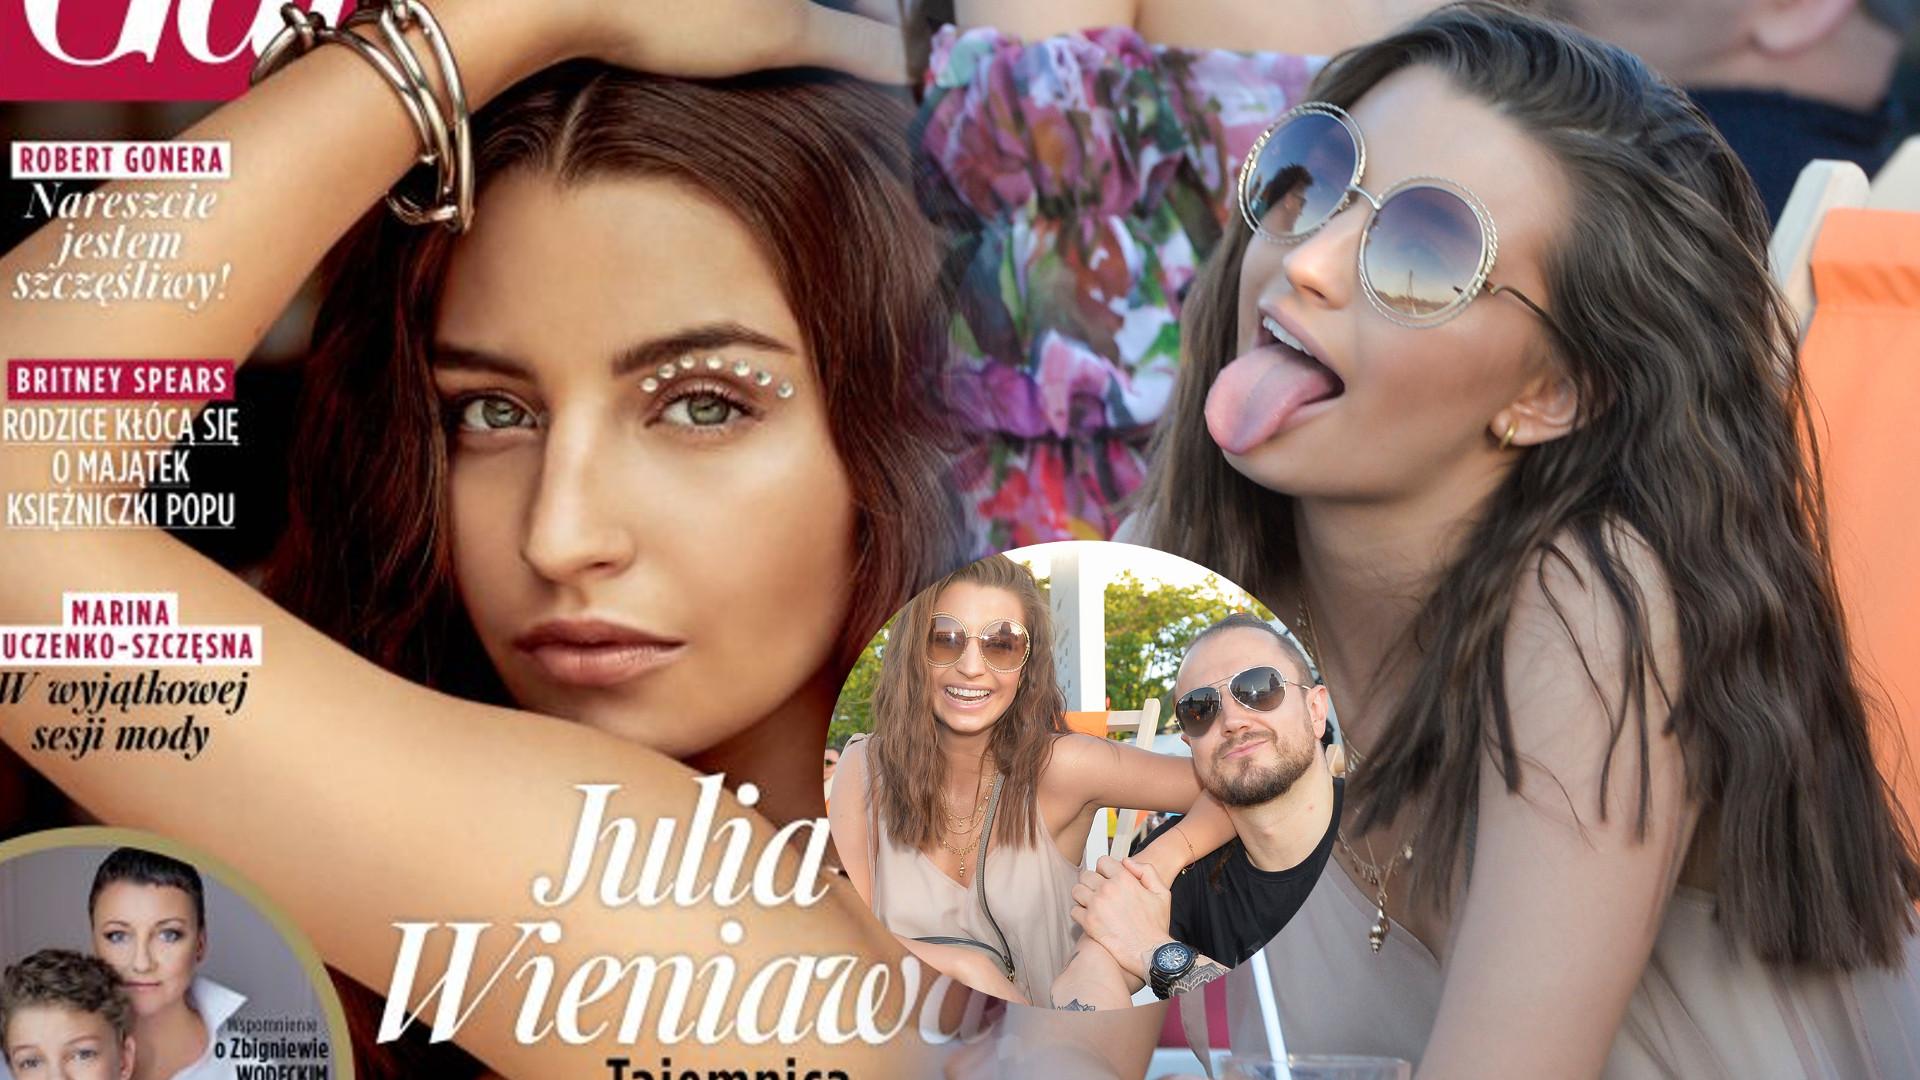 Julia Wieniawa szczerze o cenie sukcesu:  Zdarzało mi się PŁAKAĆ w nocy